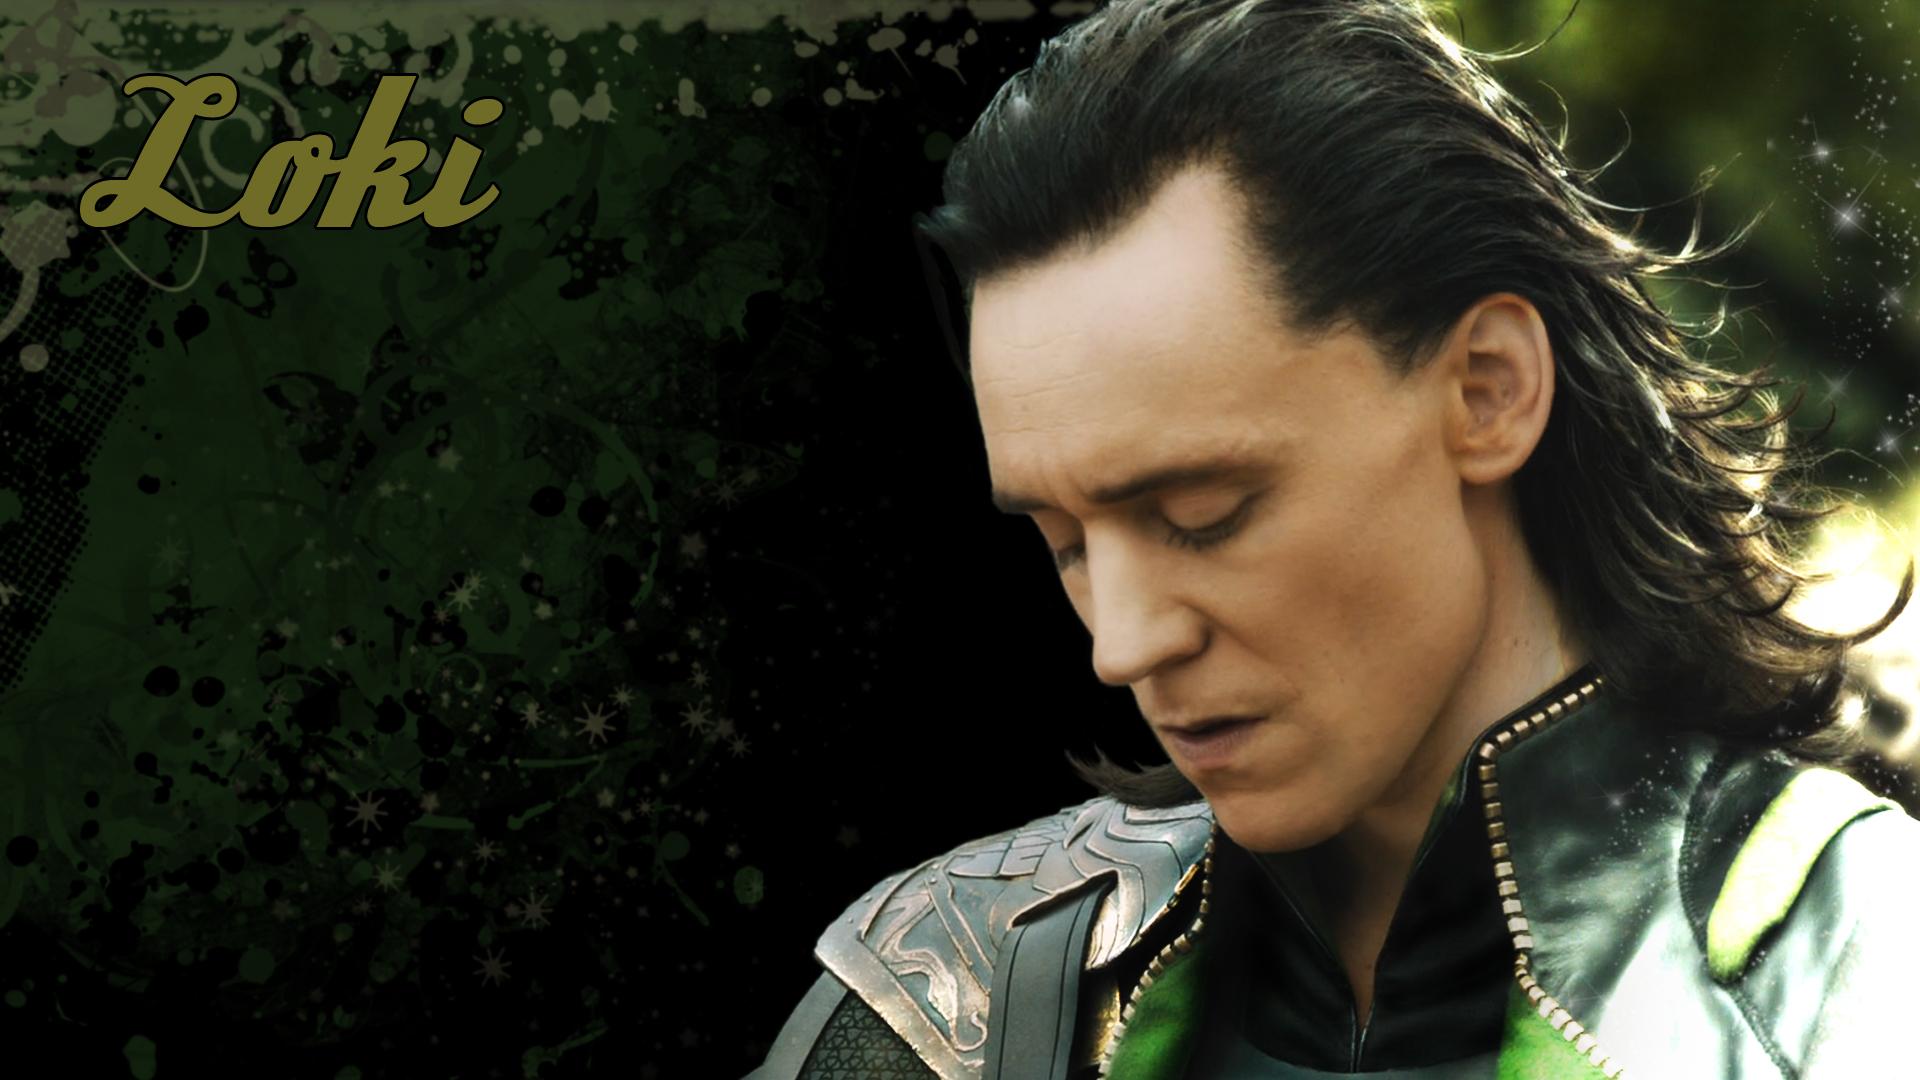 Loki Wallpaper Loki - Wallpaper 2 by ...